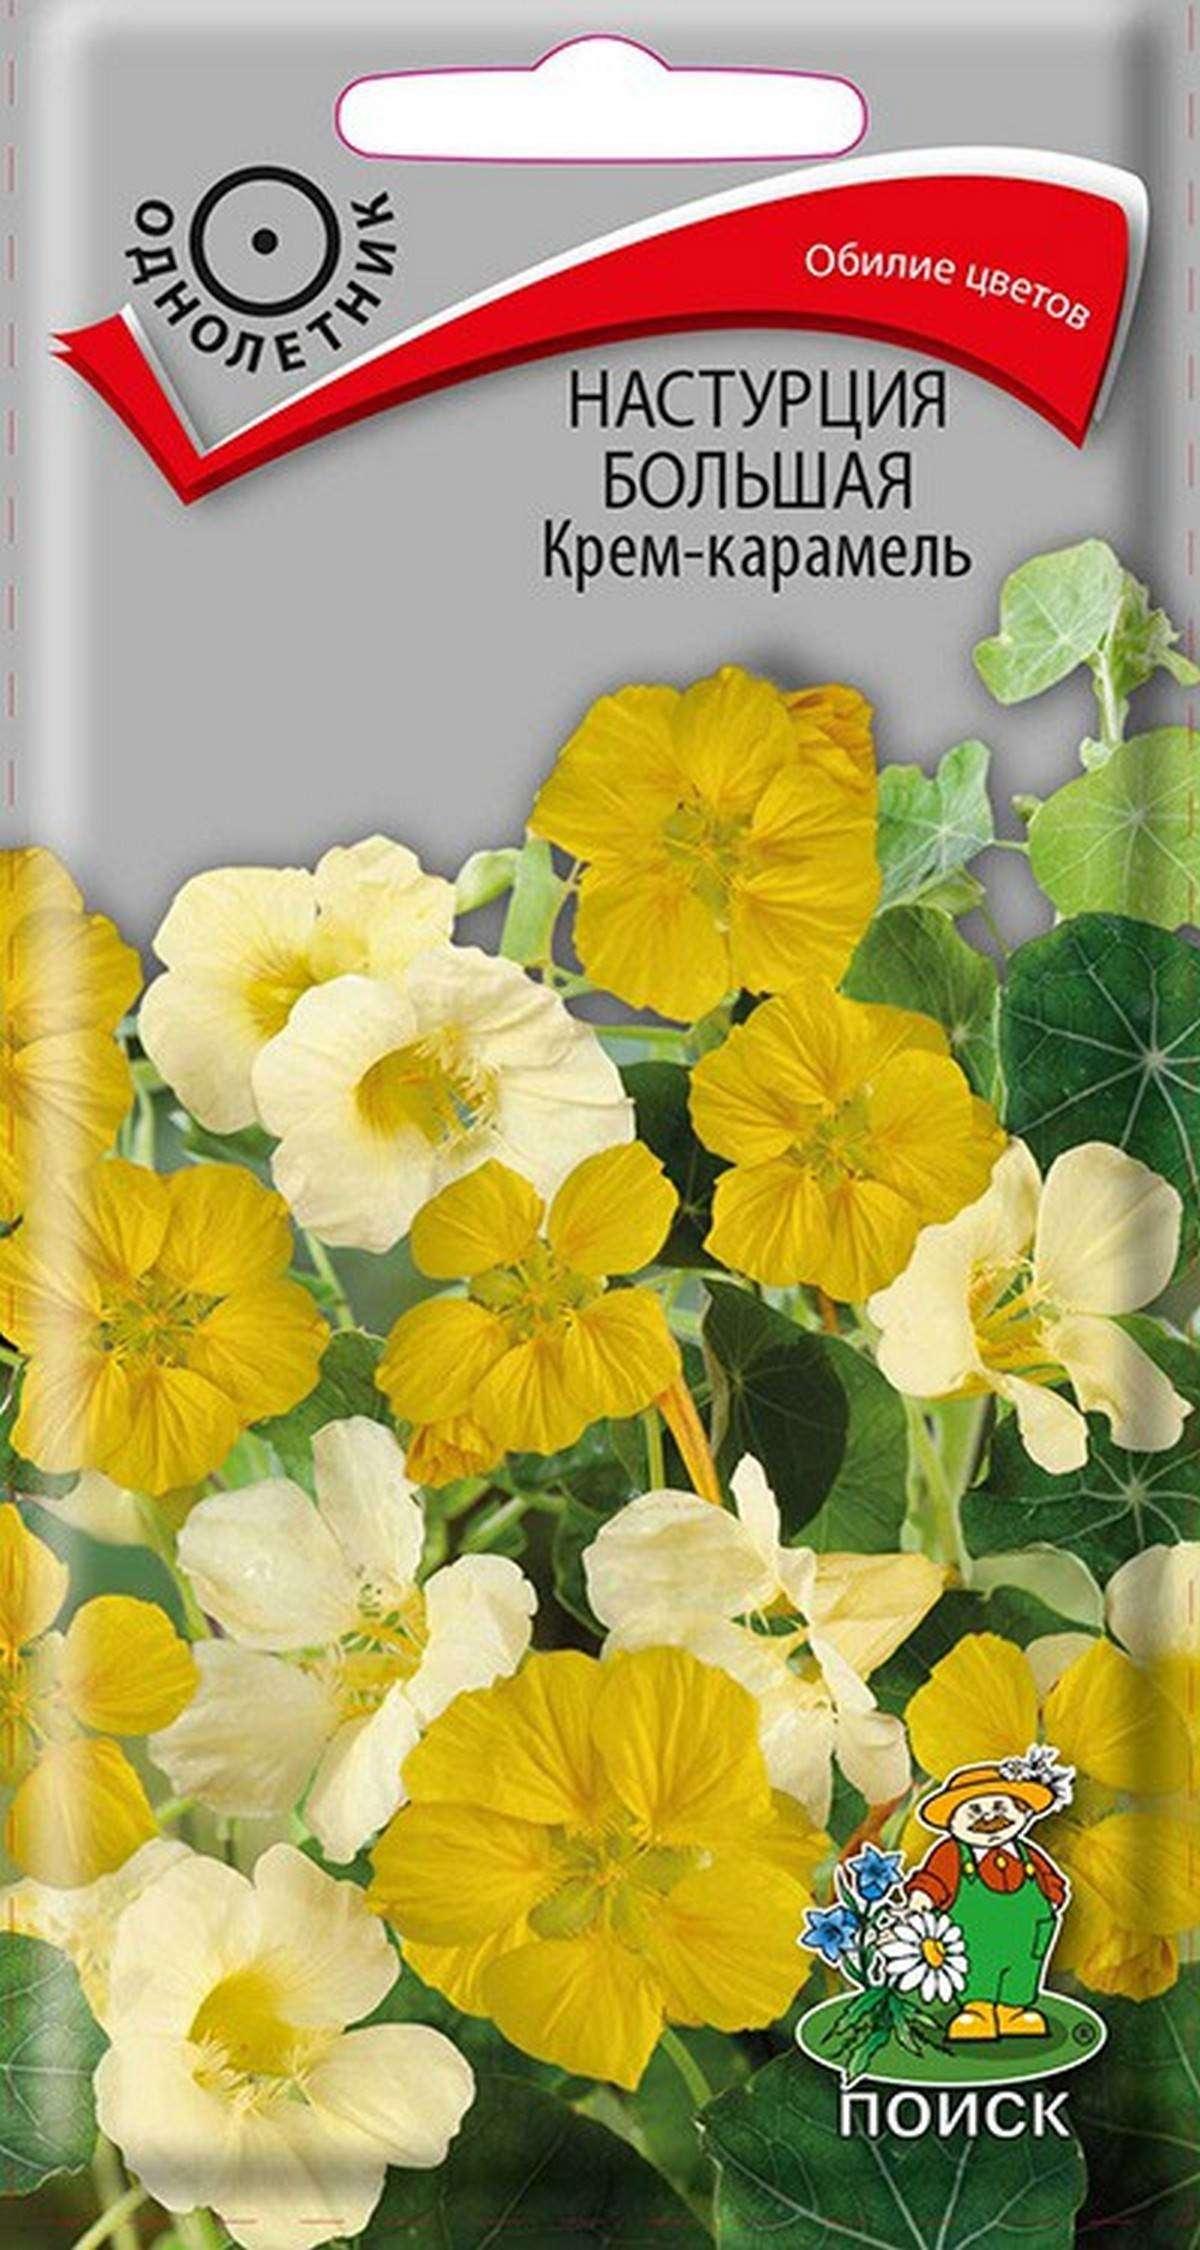 Семена Настурция большая Крем-карамель, Смесь, 1 г Поиск